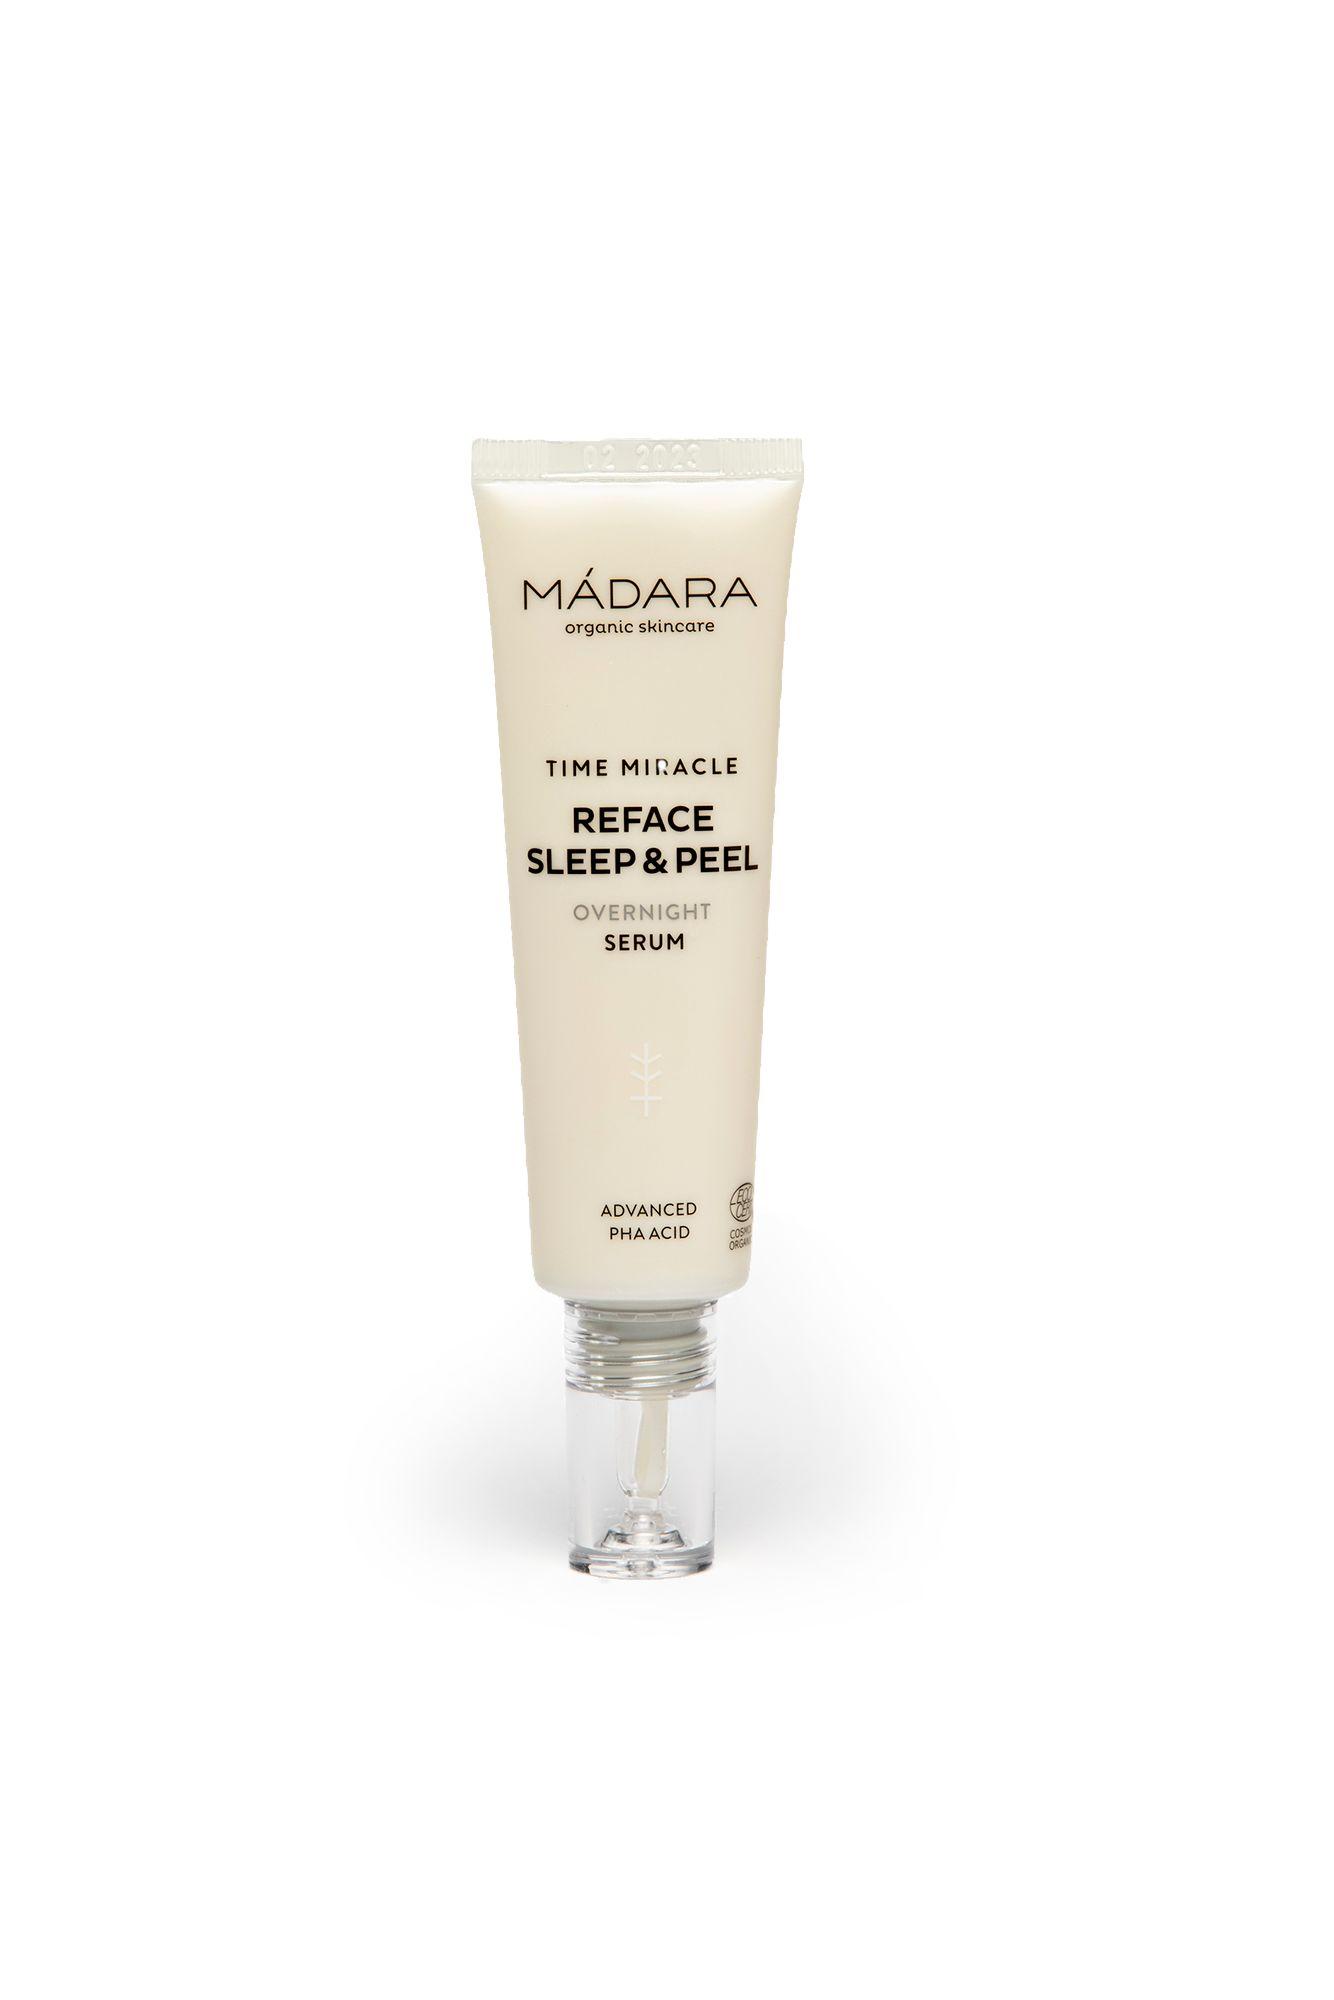 Kevyesti kuoriva Mádaran Time Miracle Reface sleep & peel auttaa väsymyksen merkkeihin. 30 ml 36 €.